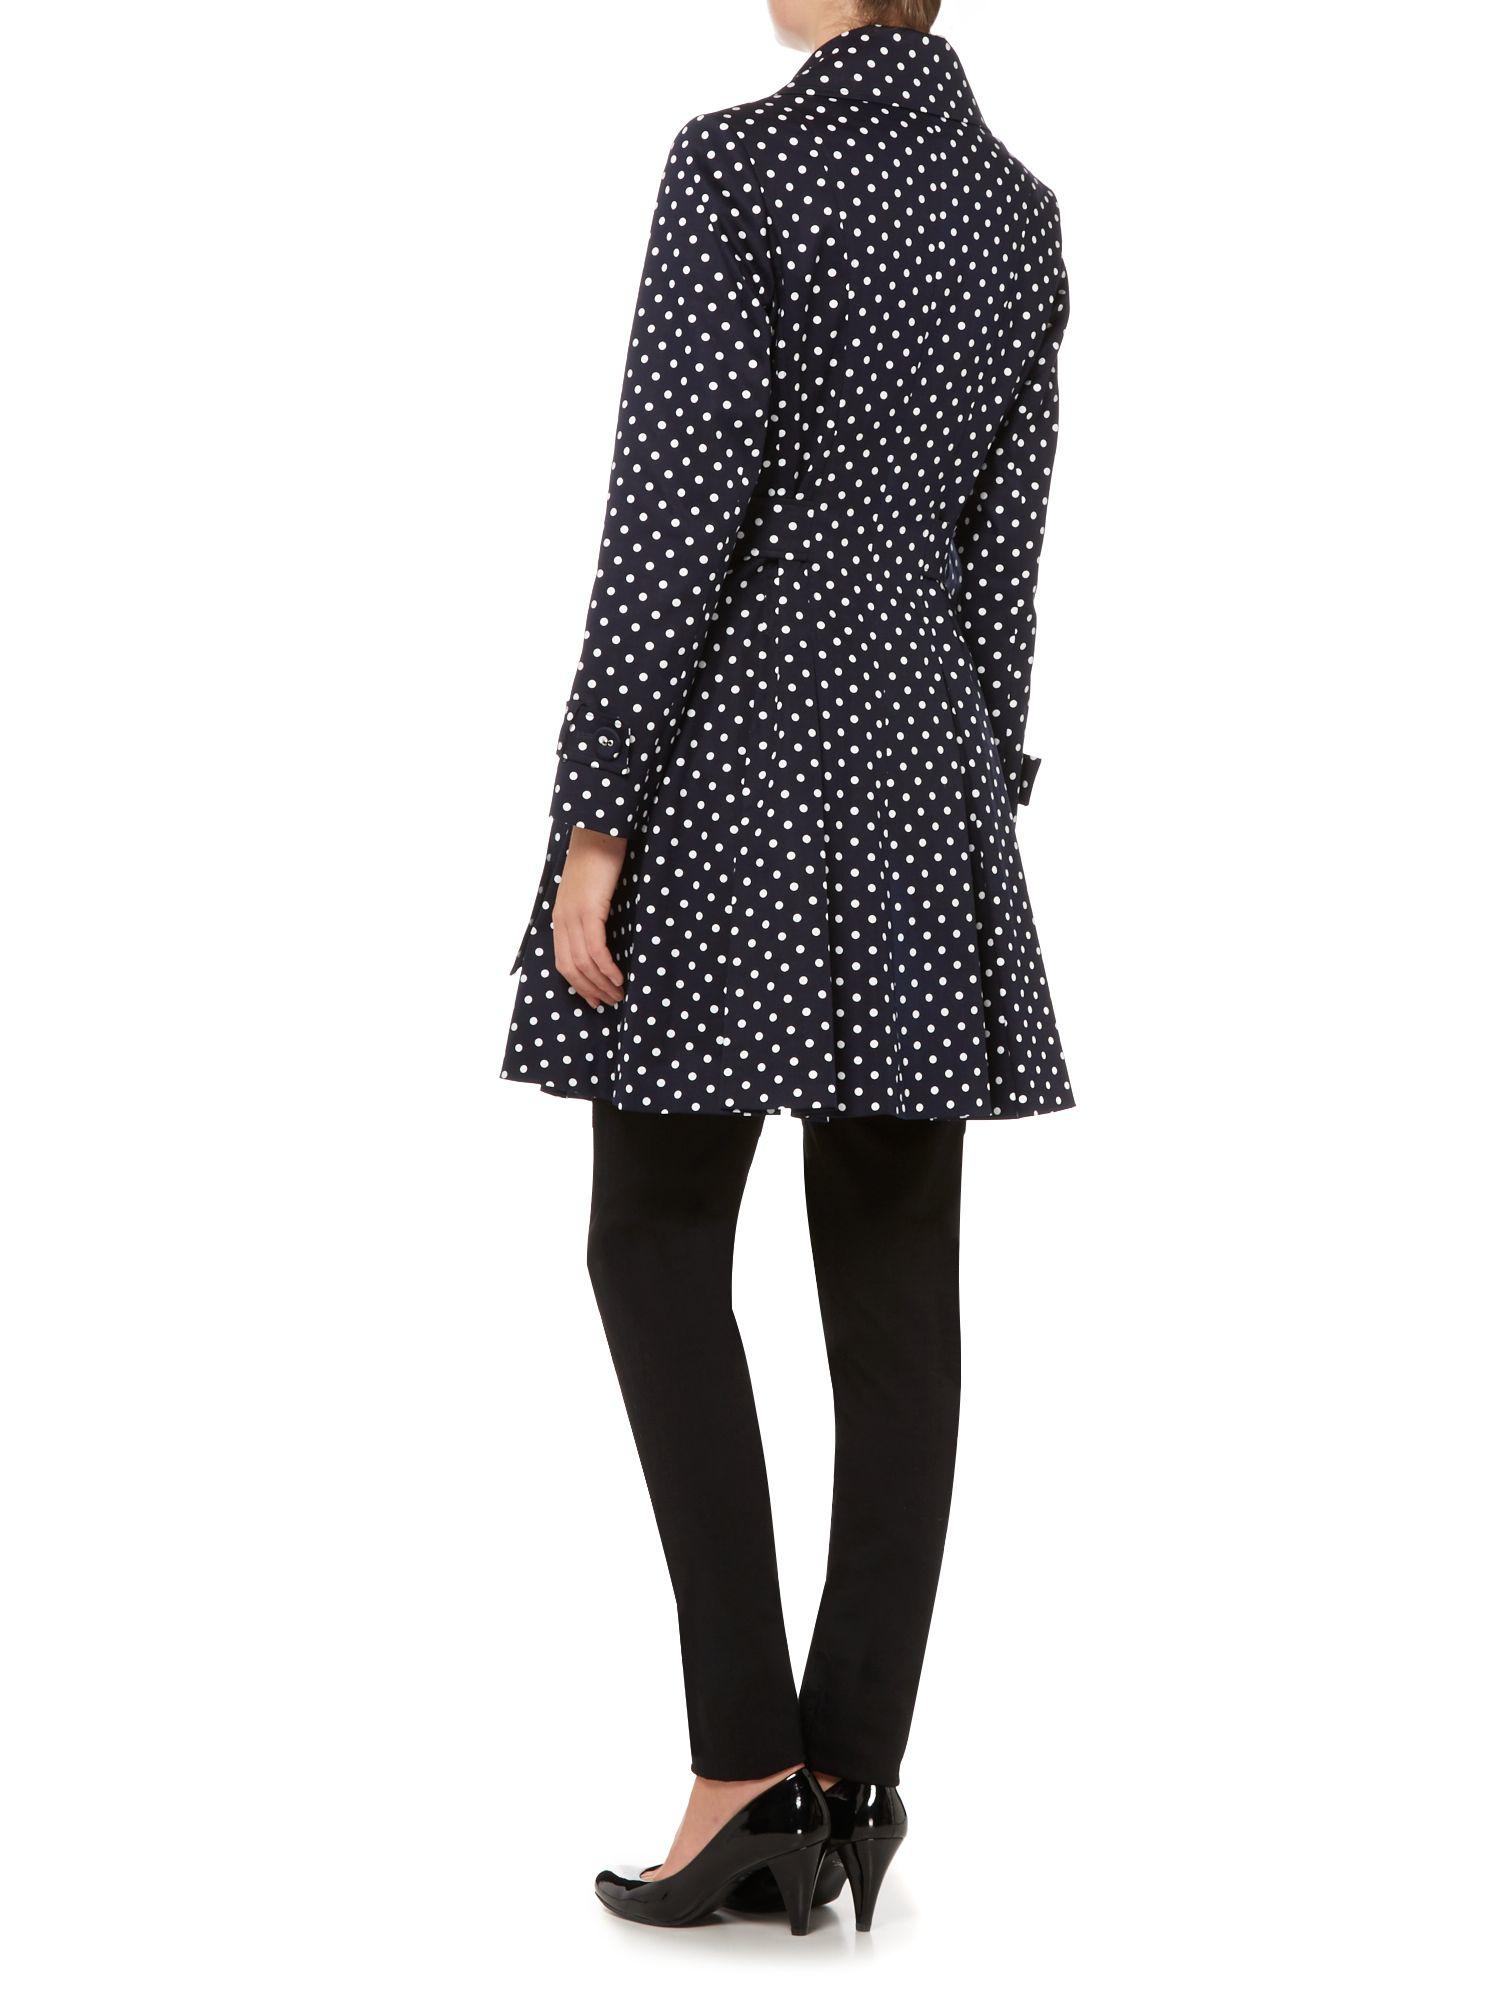 Full Skirt Trench Coat Black - Tradingbasis